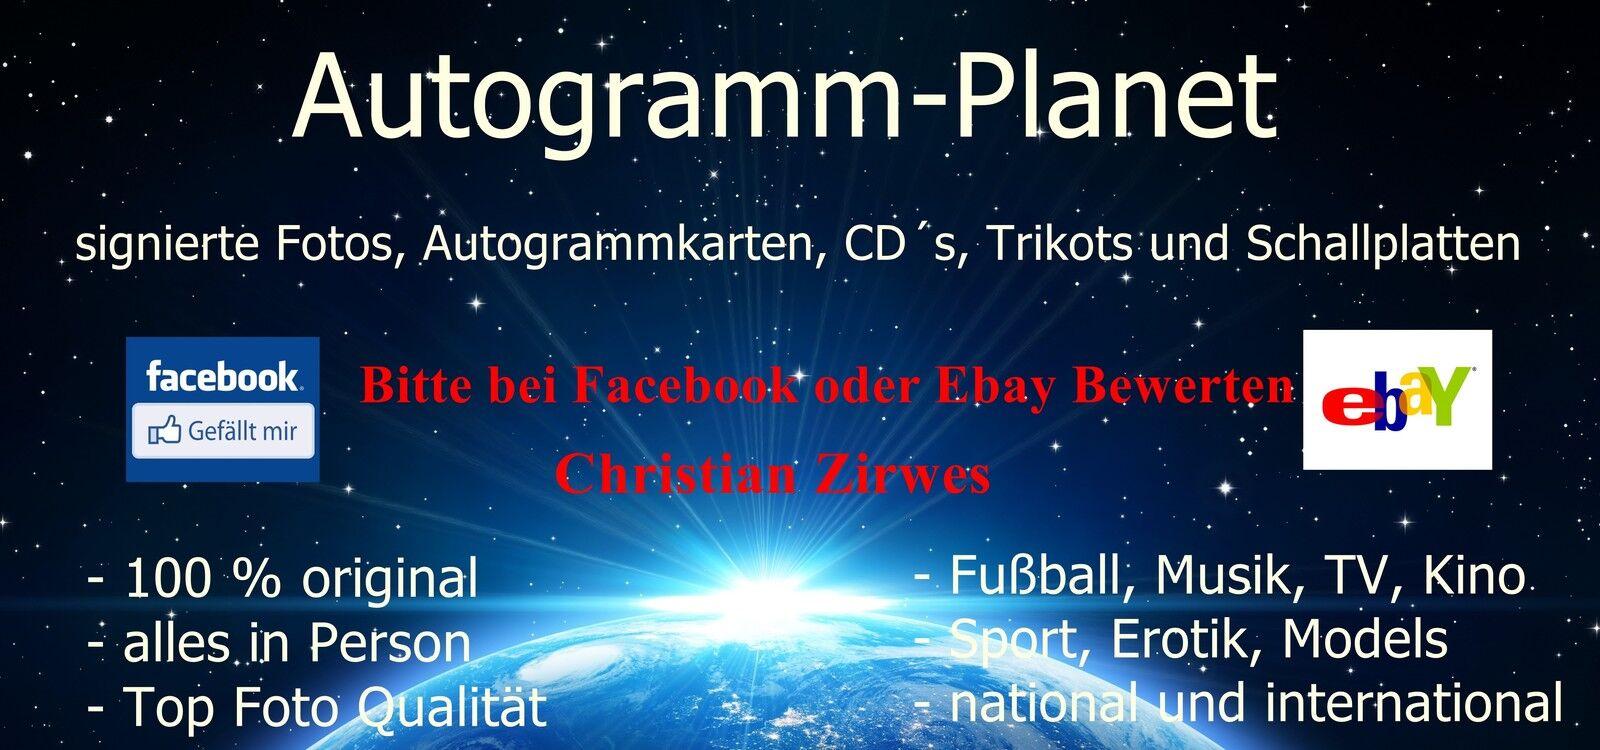 Autogramm-Planet